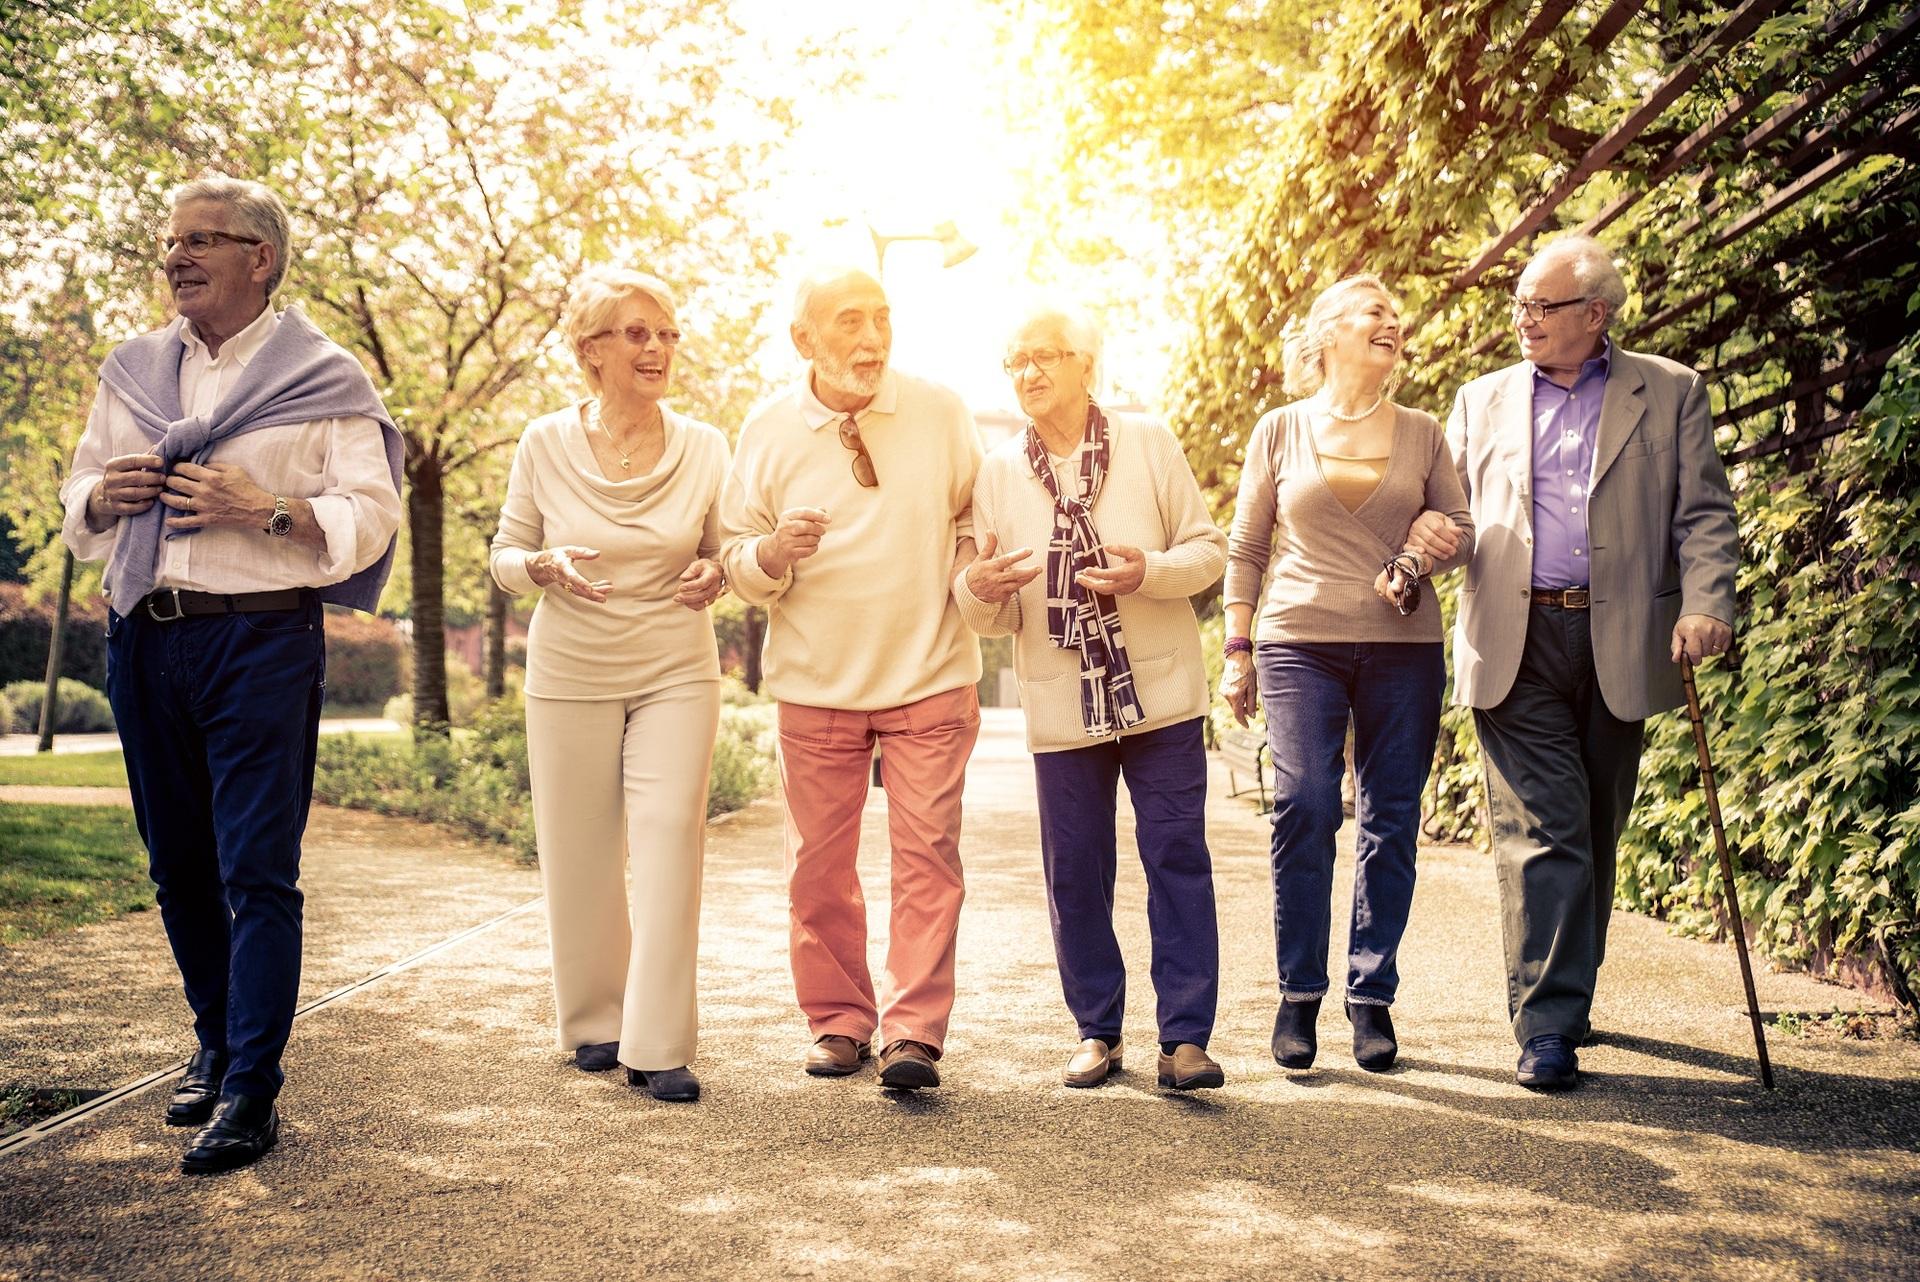 Retraites :Le Luxembourg doit faire travailler plus (et mieux) ses seniors